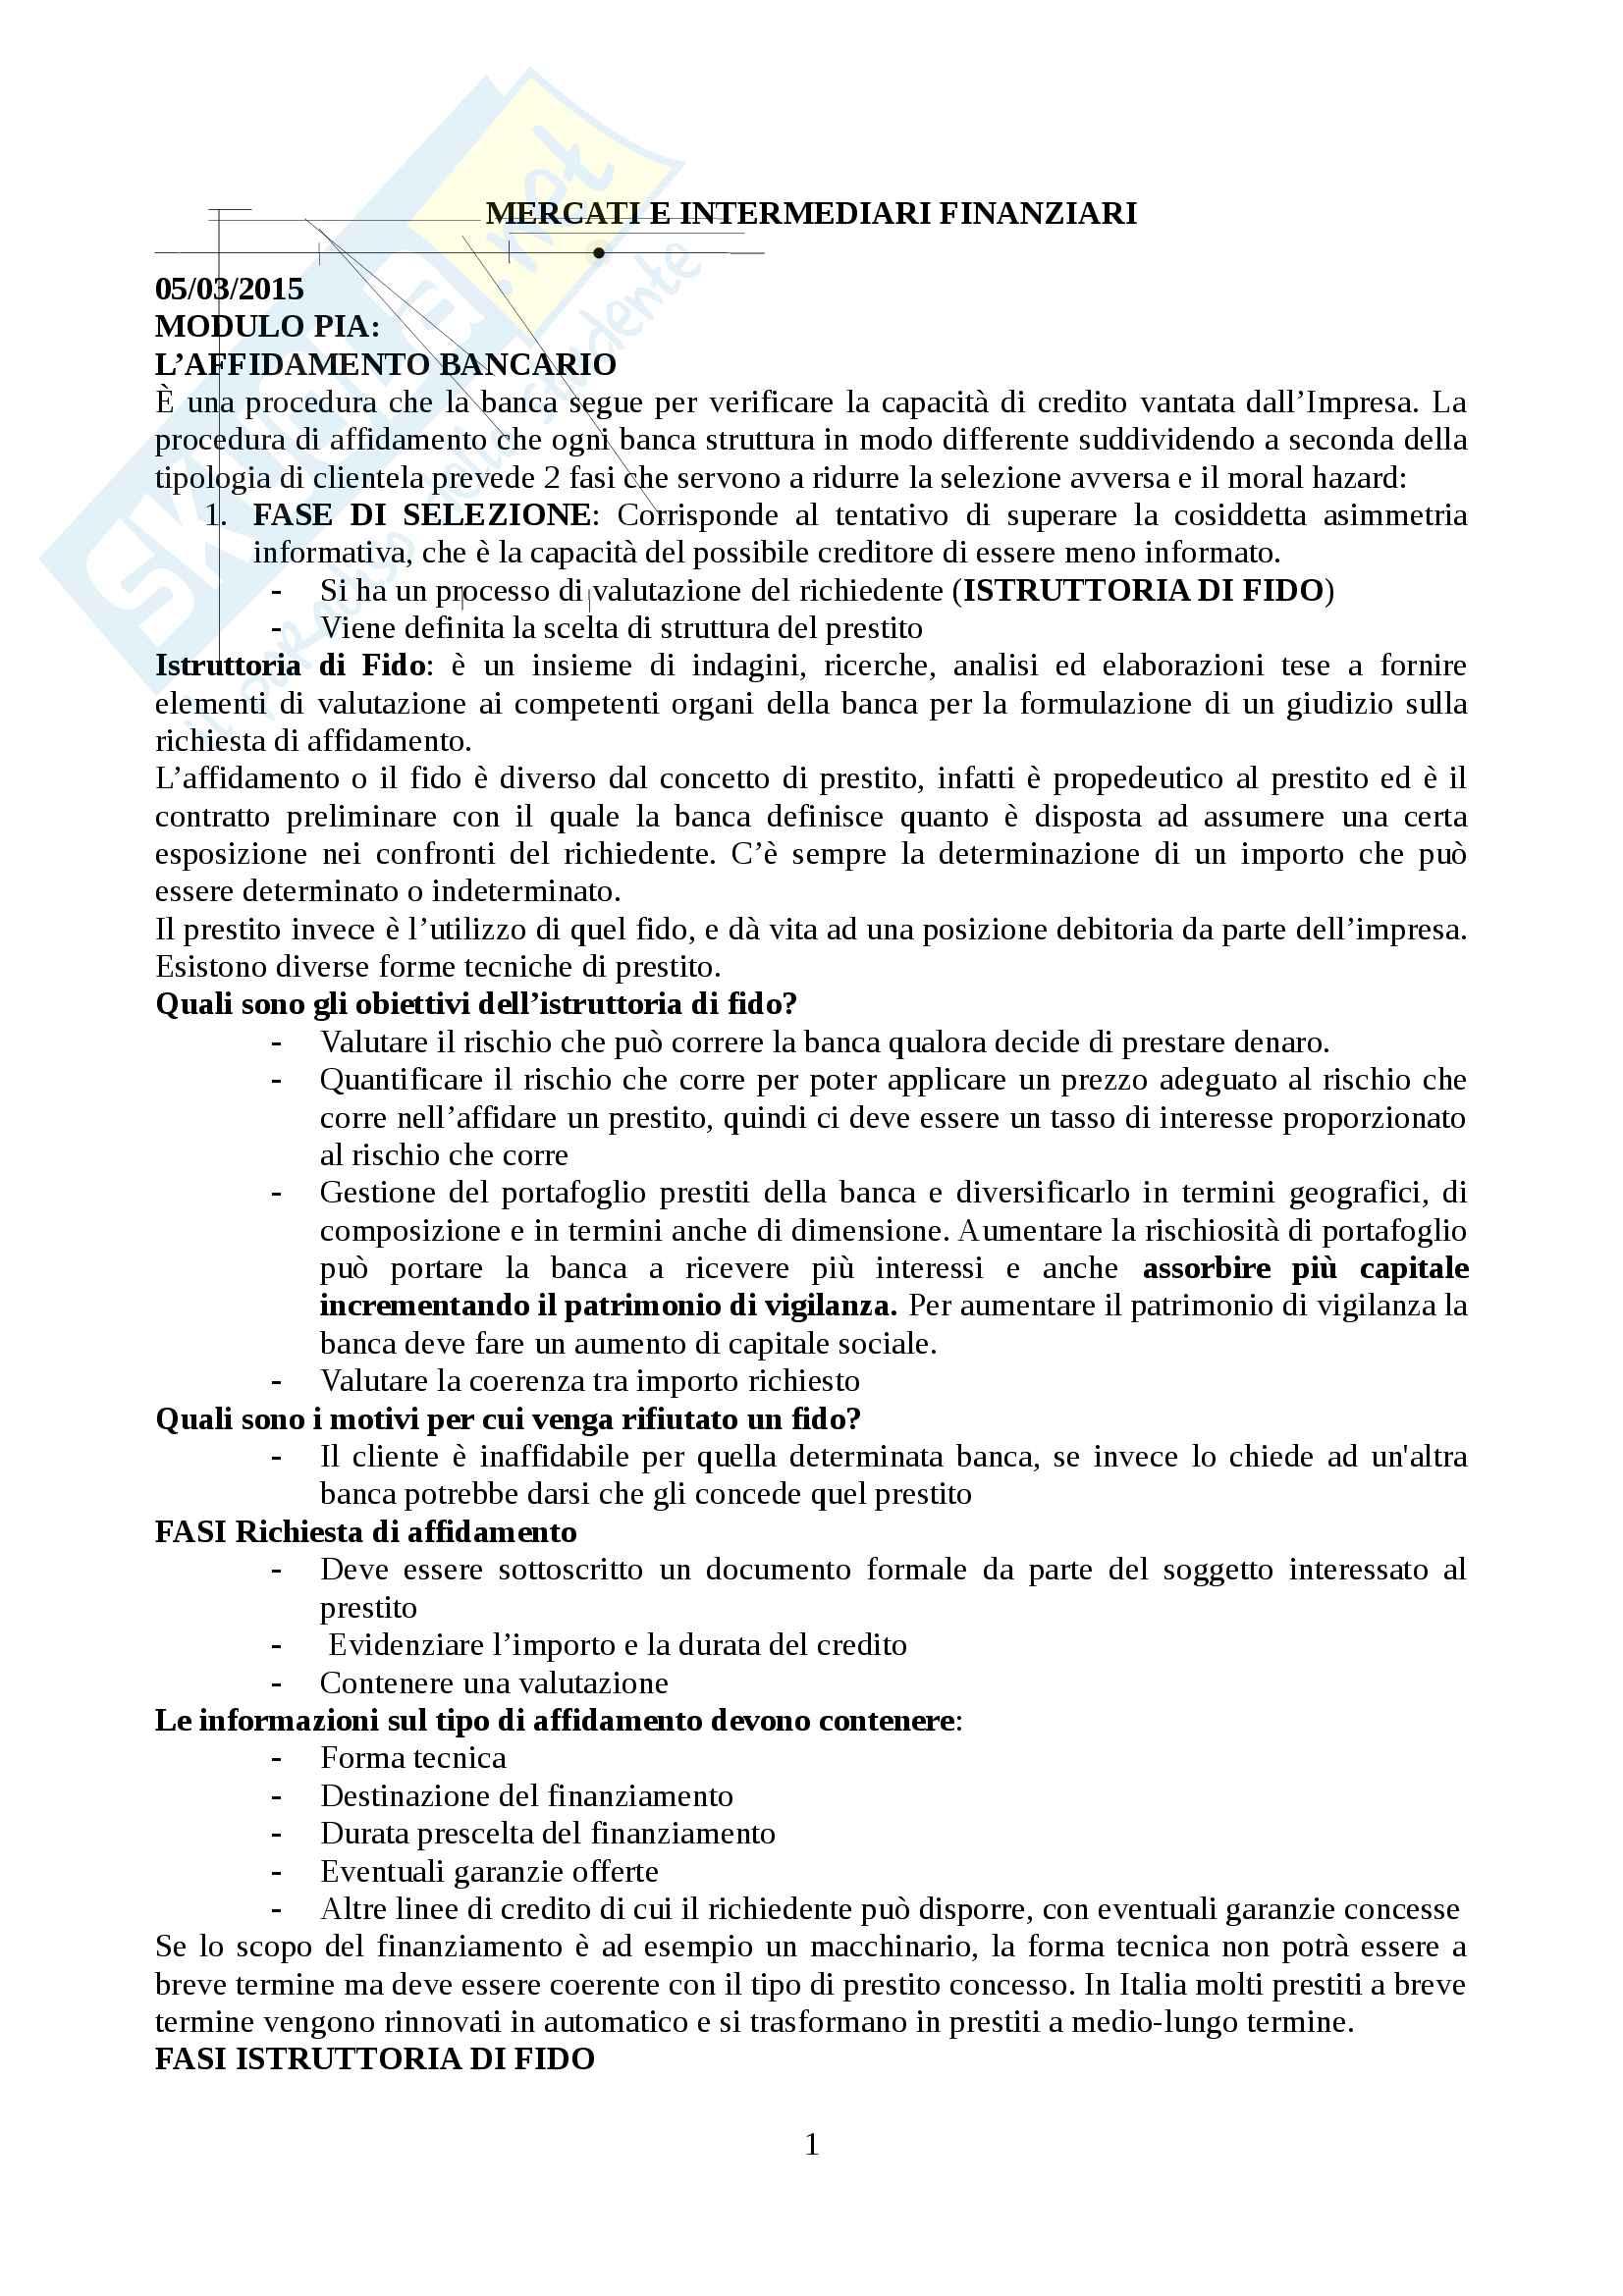 Mercati e Intermediari Finanziari (Modulo Pia)